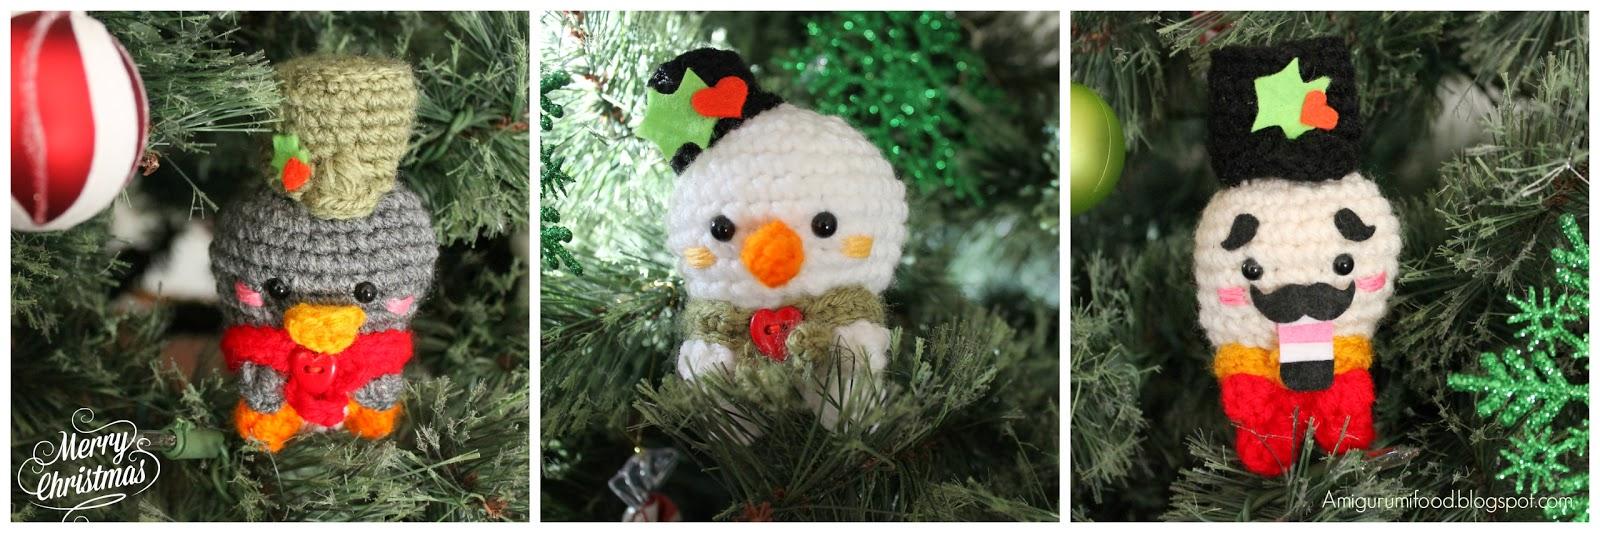 Amigurumi Food: Christmas Cheer Amigurumi Food Free Pattern!